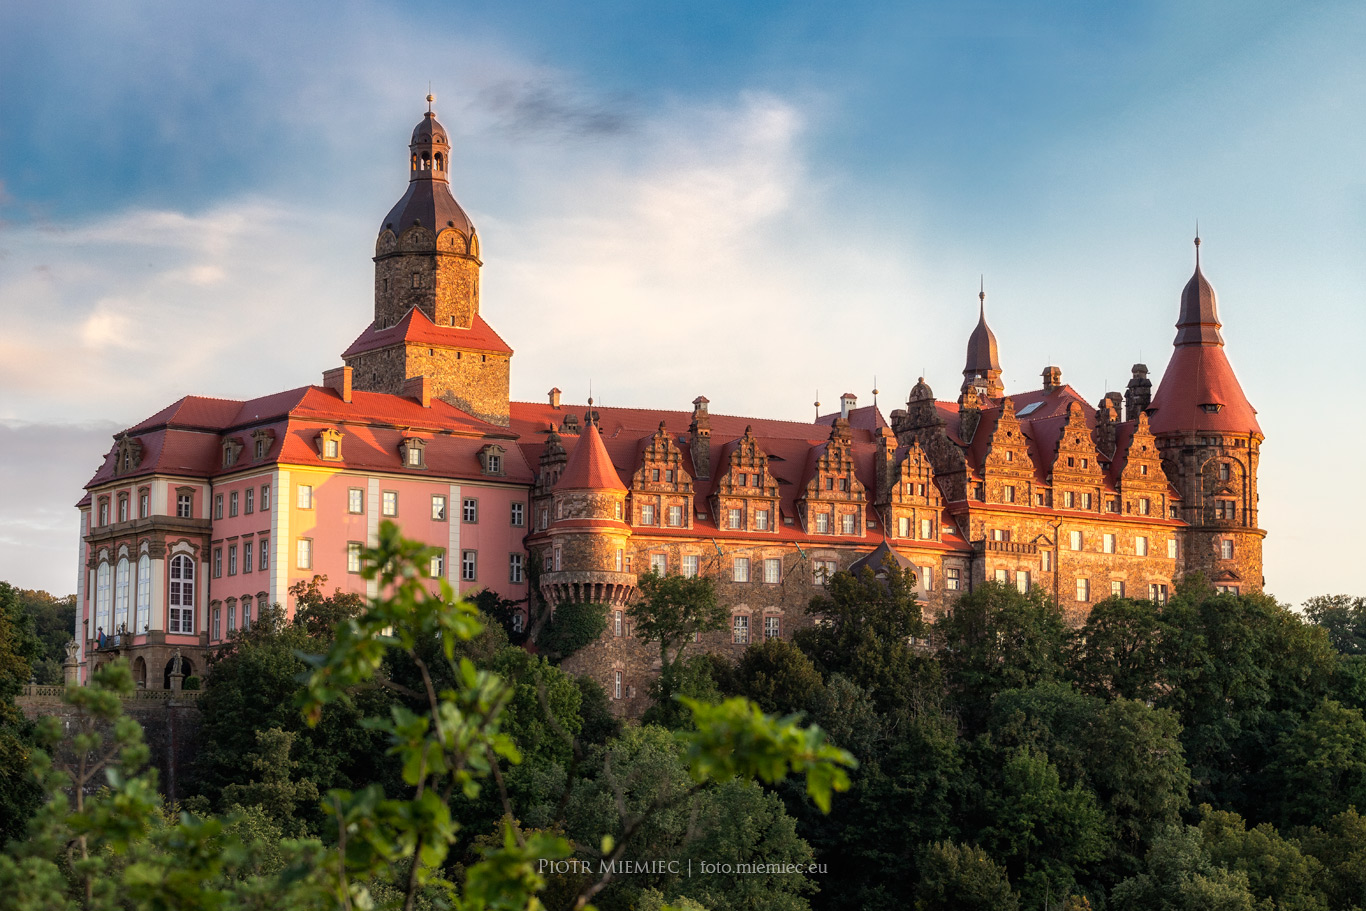 Zamki i pałace na Dolnym Śląsku